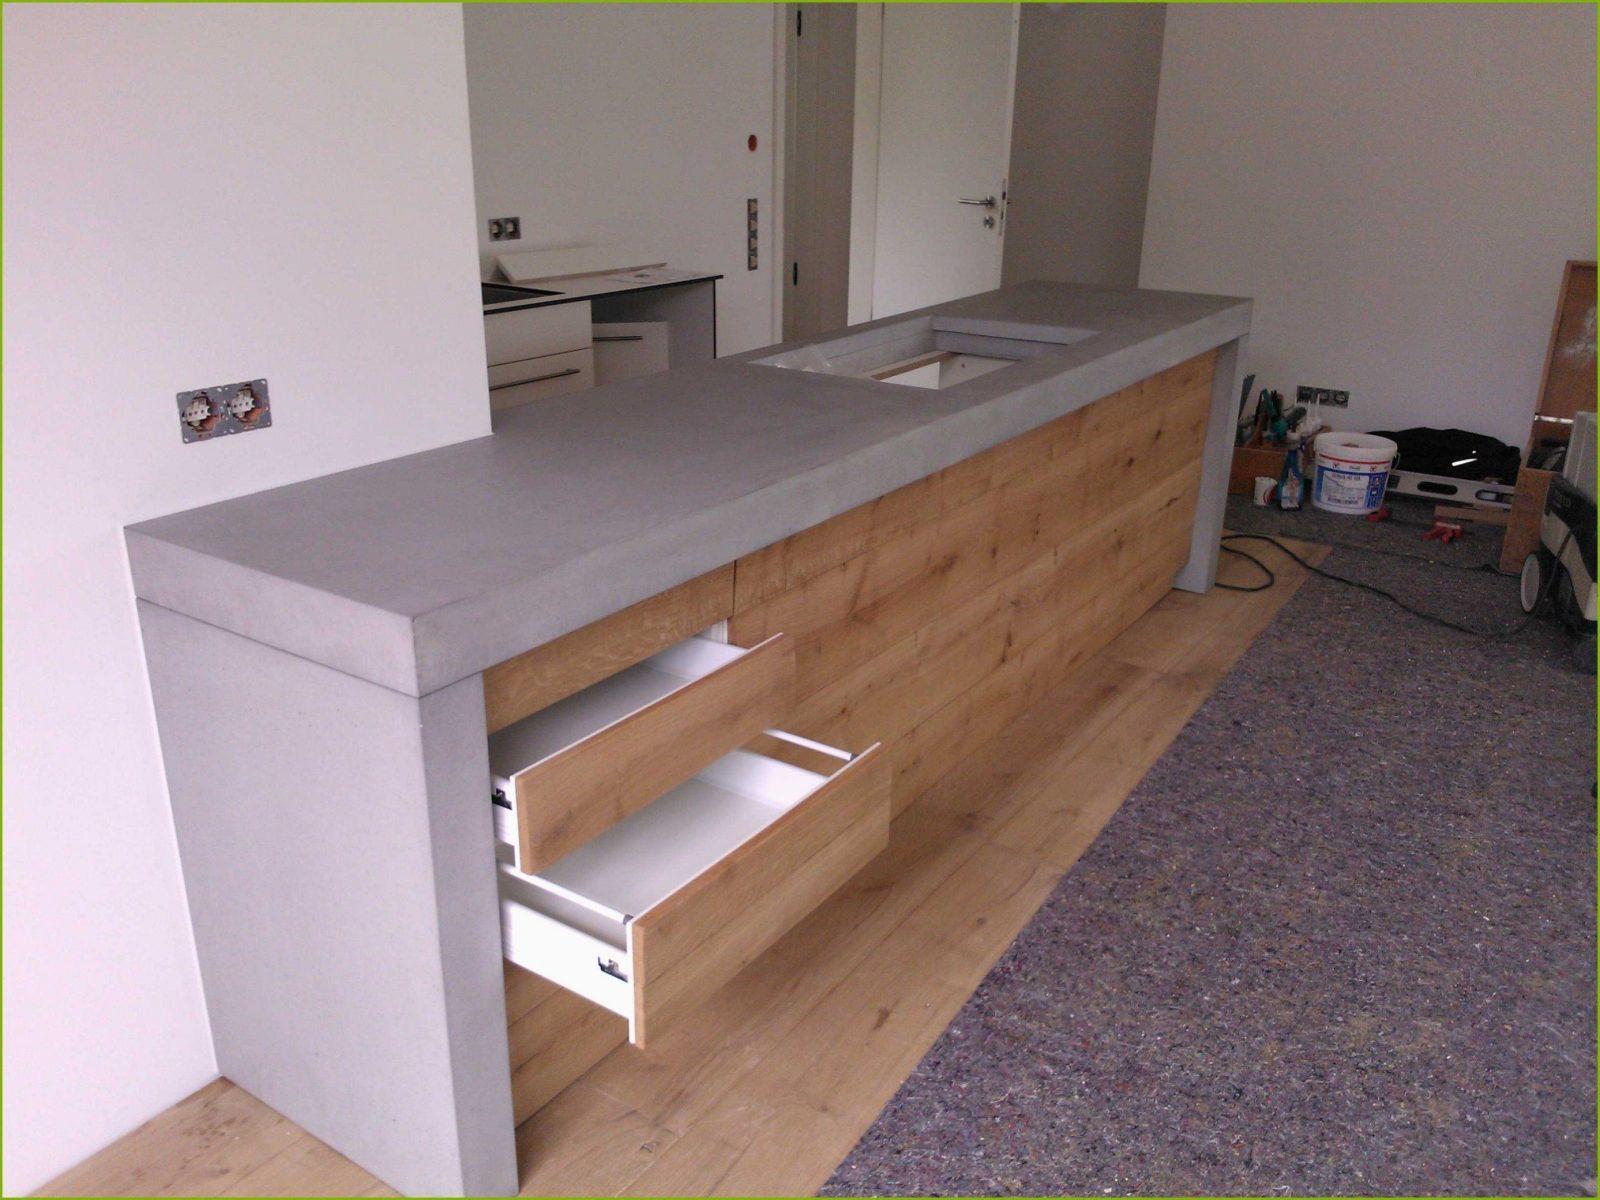 Outdoor Küche Beton Selber Bauen : Outdoor küche mauern